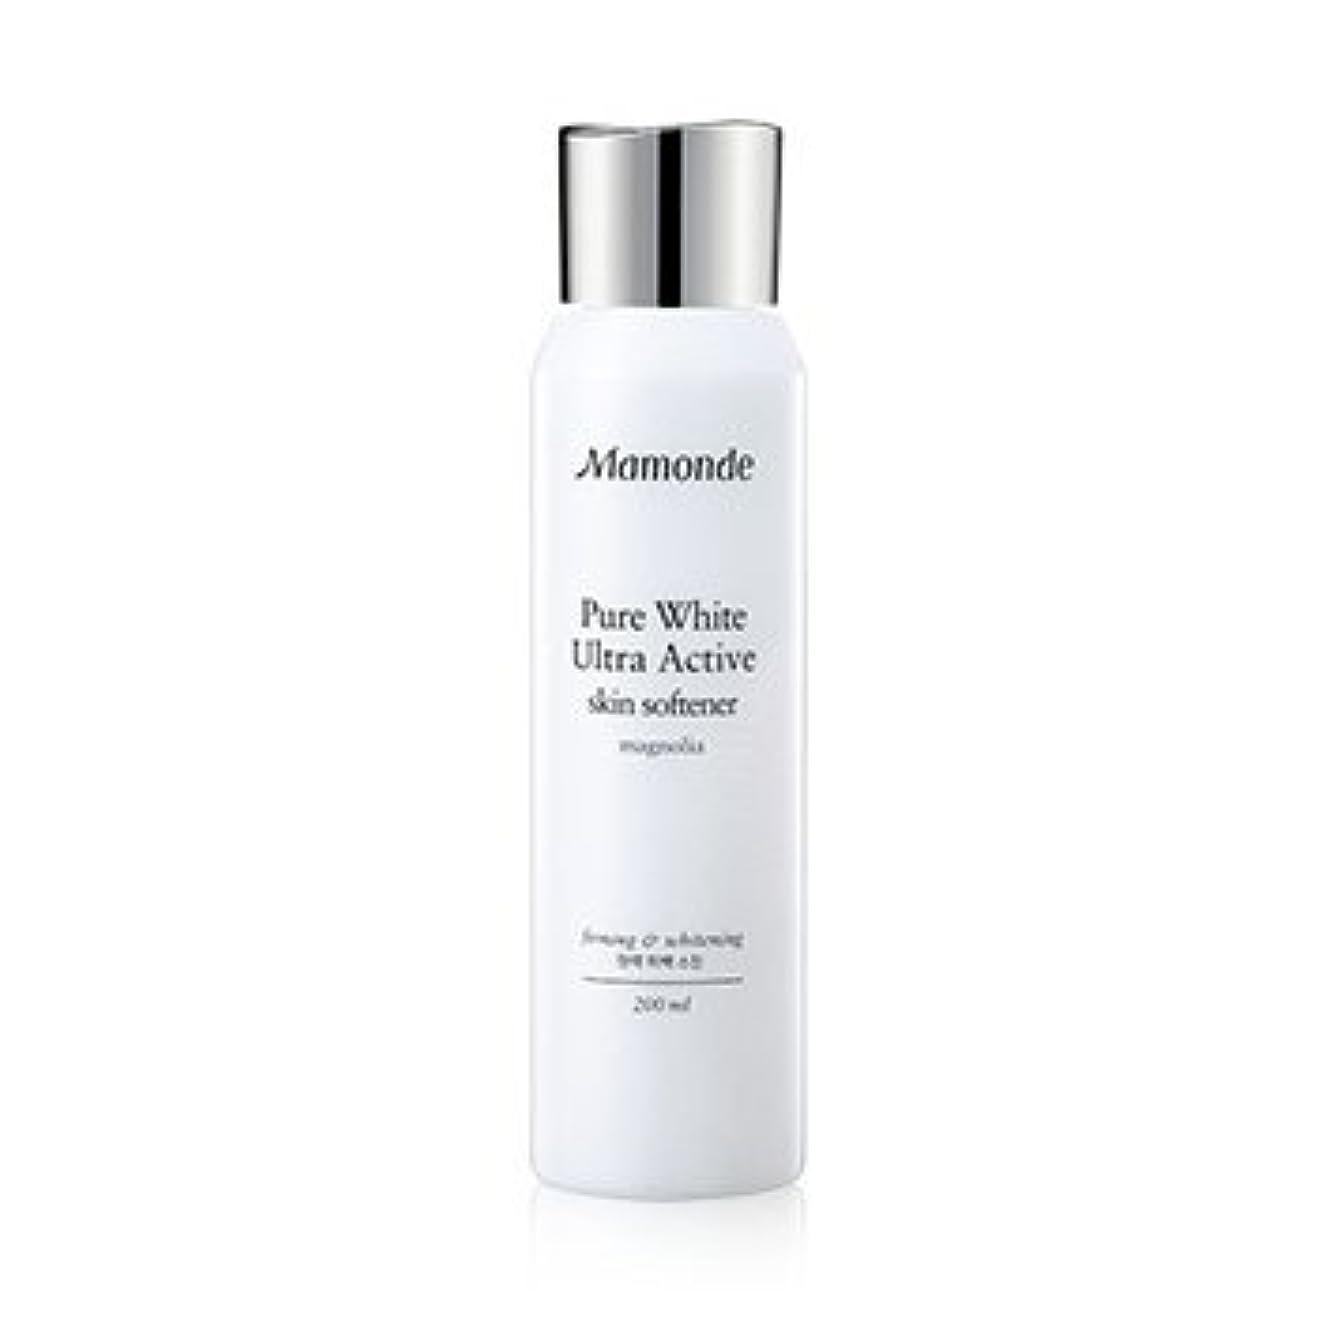 尊敬トラック聖歌Mamonde Pure White Ultra Active Skin Softener 200ml/マモンド ピュア ホワイト ウルトラ アクティブ スキン ソフナー 200ml [並行輸入品]